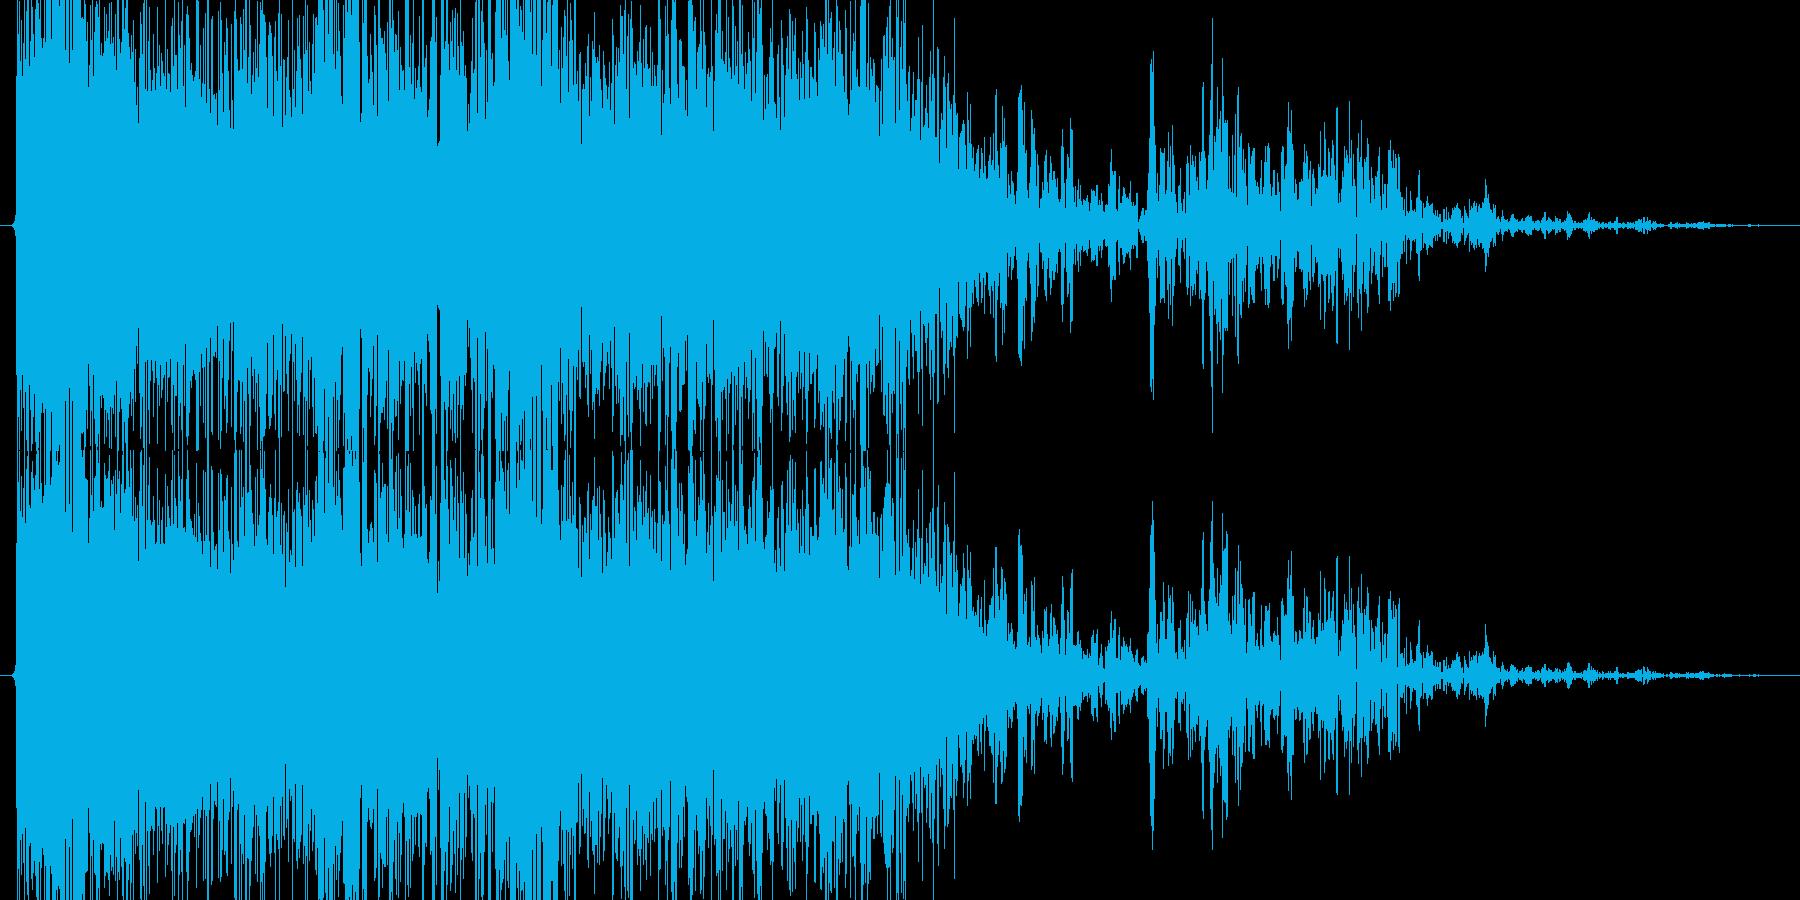 雷魔法(黒雲からの雷撃)の再生済みの波形